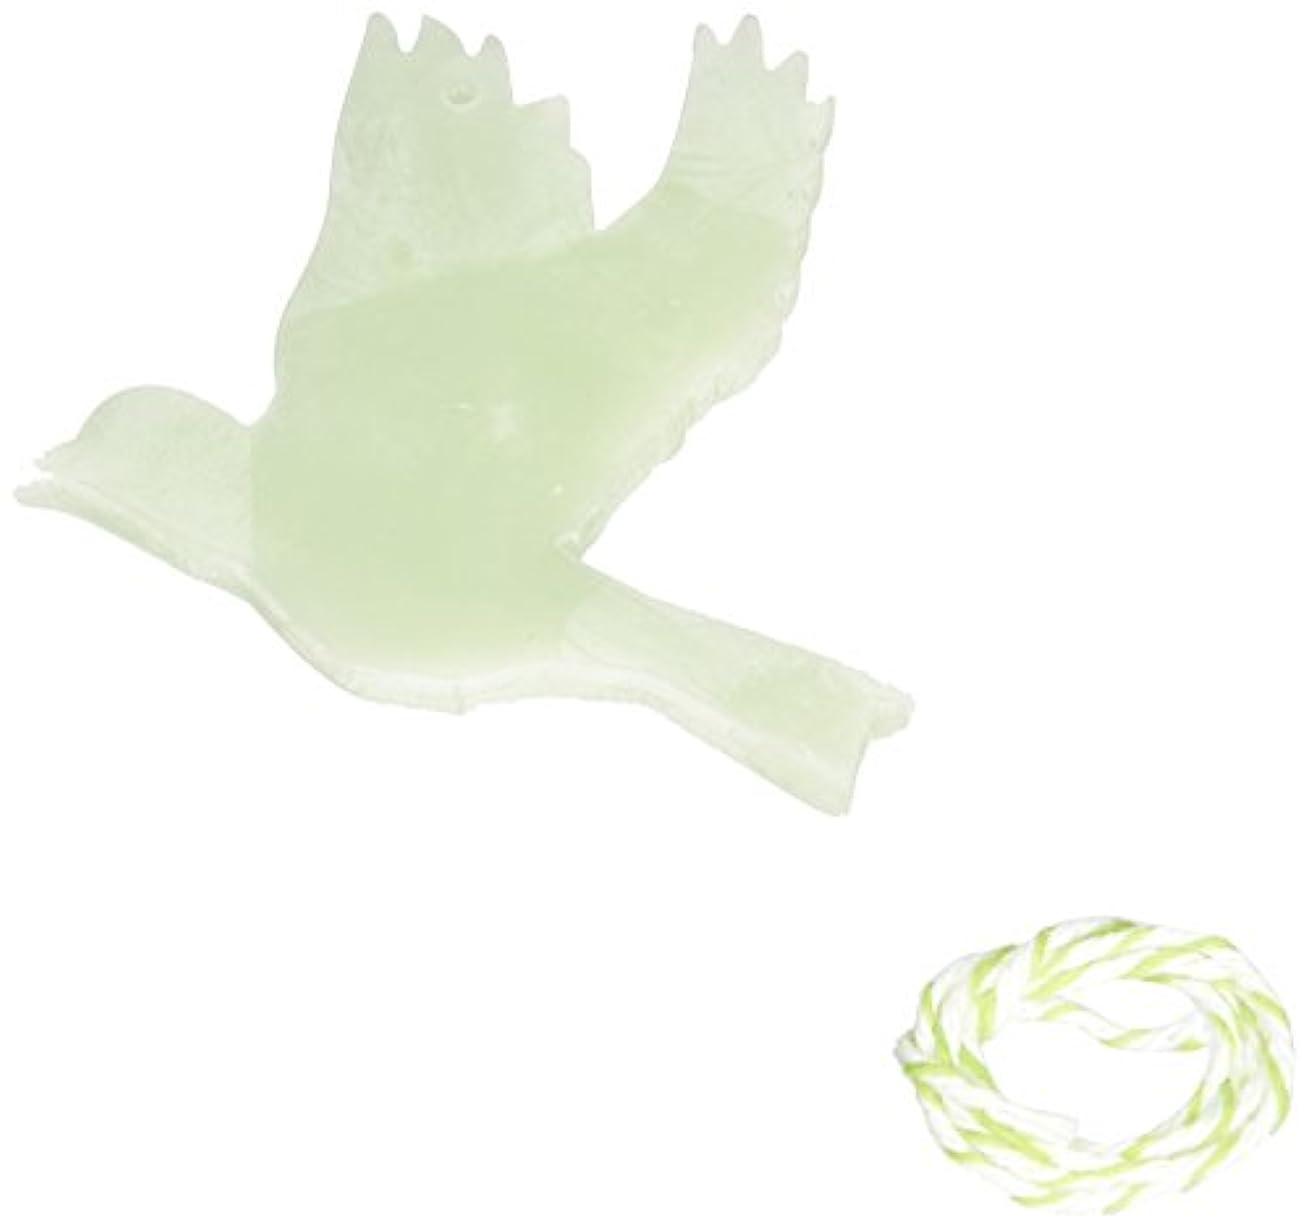 臨検瞬時に使役GRASSE TOKYO AROMATICWAXチャーム「ハト」(GR) レモングラス アロマティックワックス グラーストウキョウ